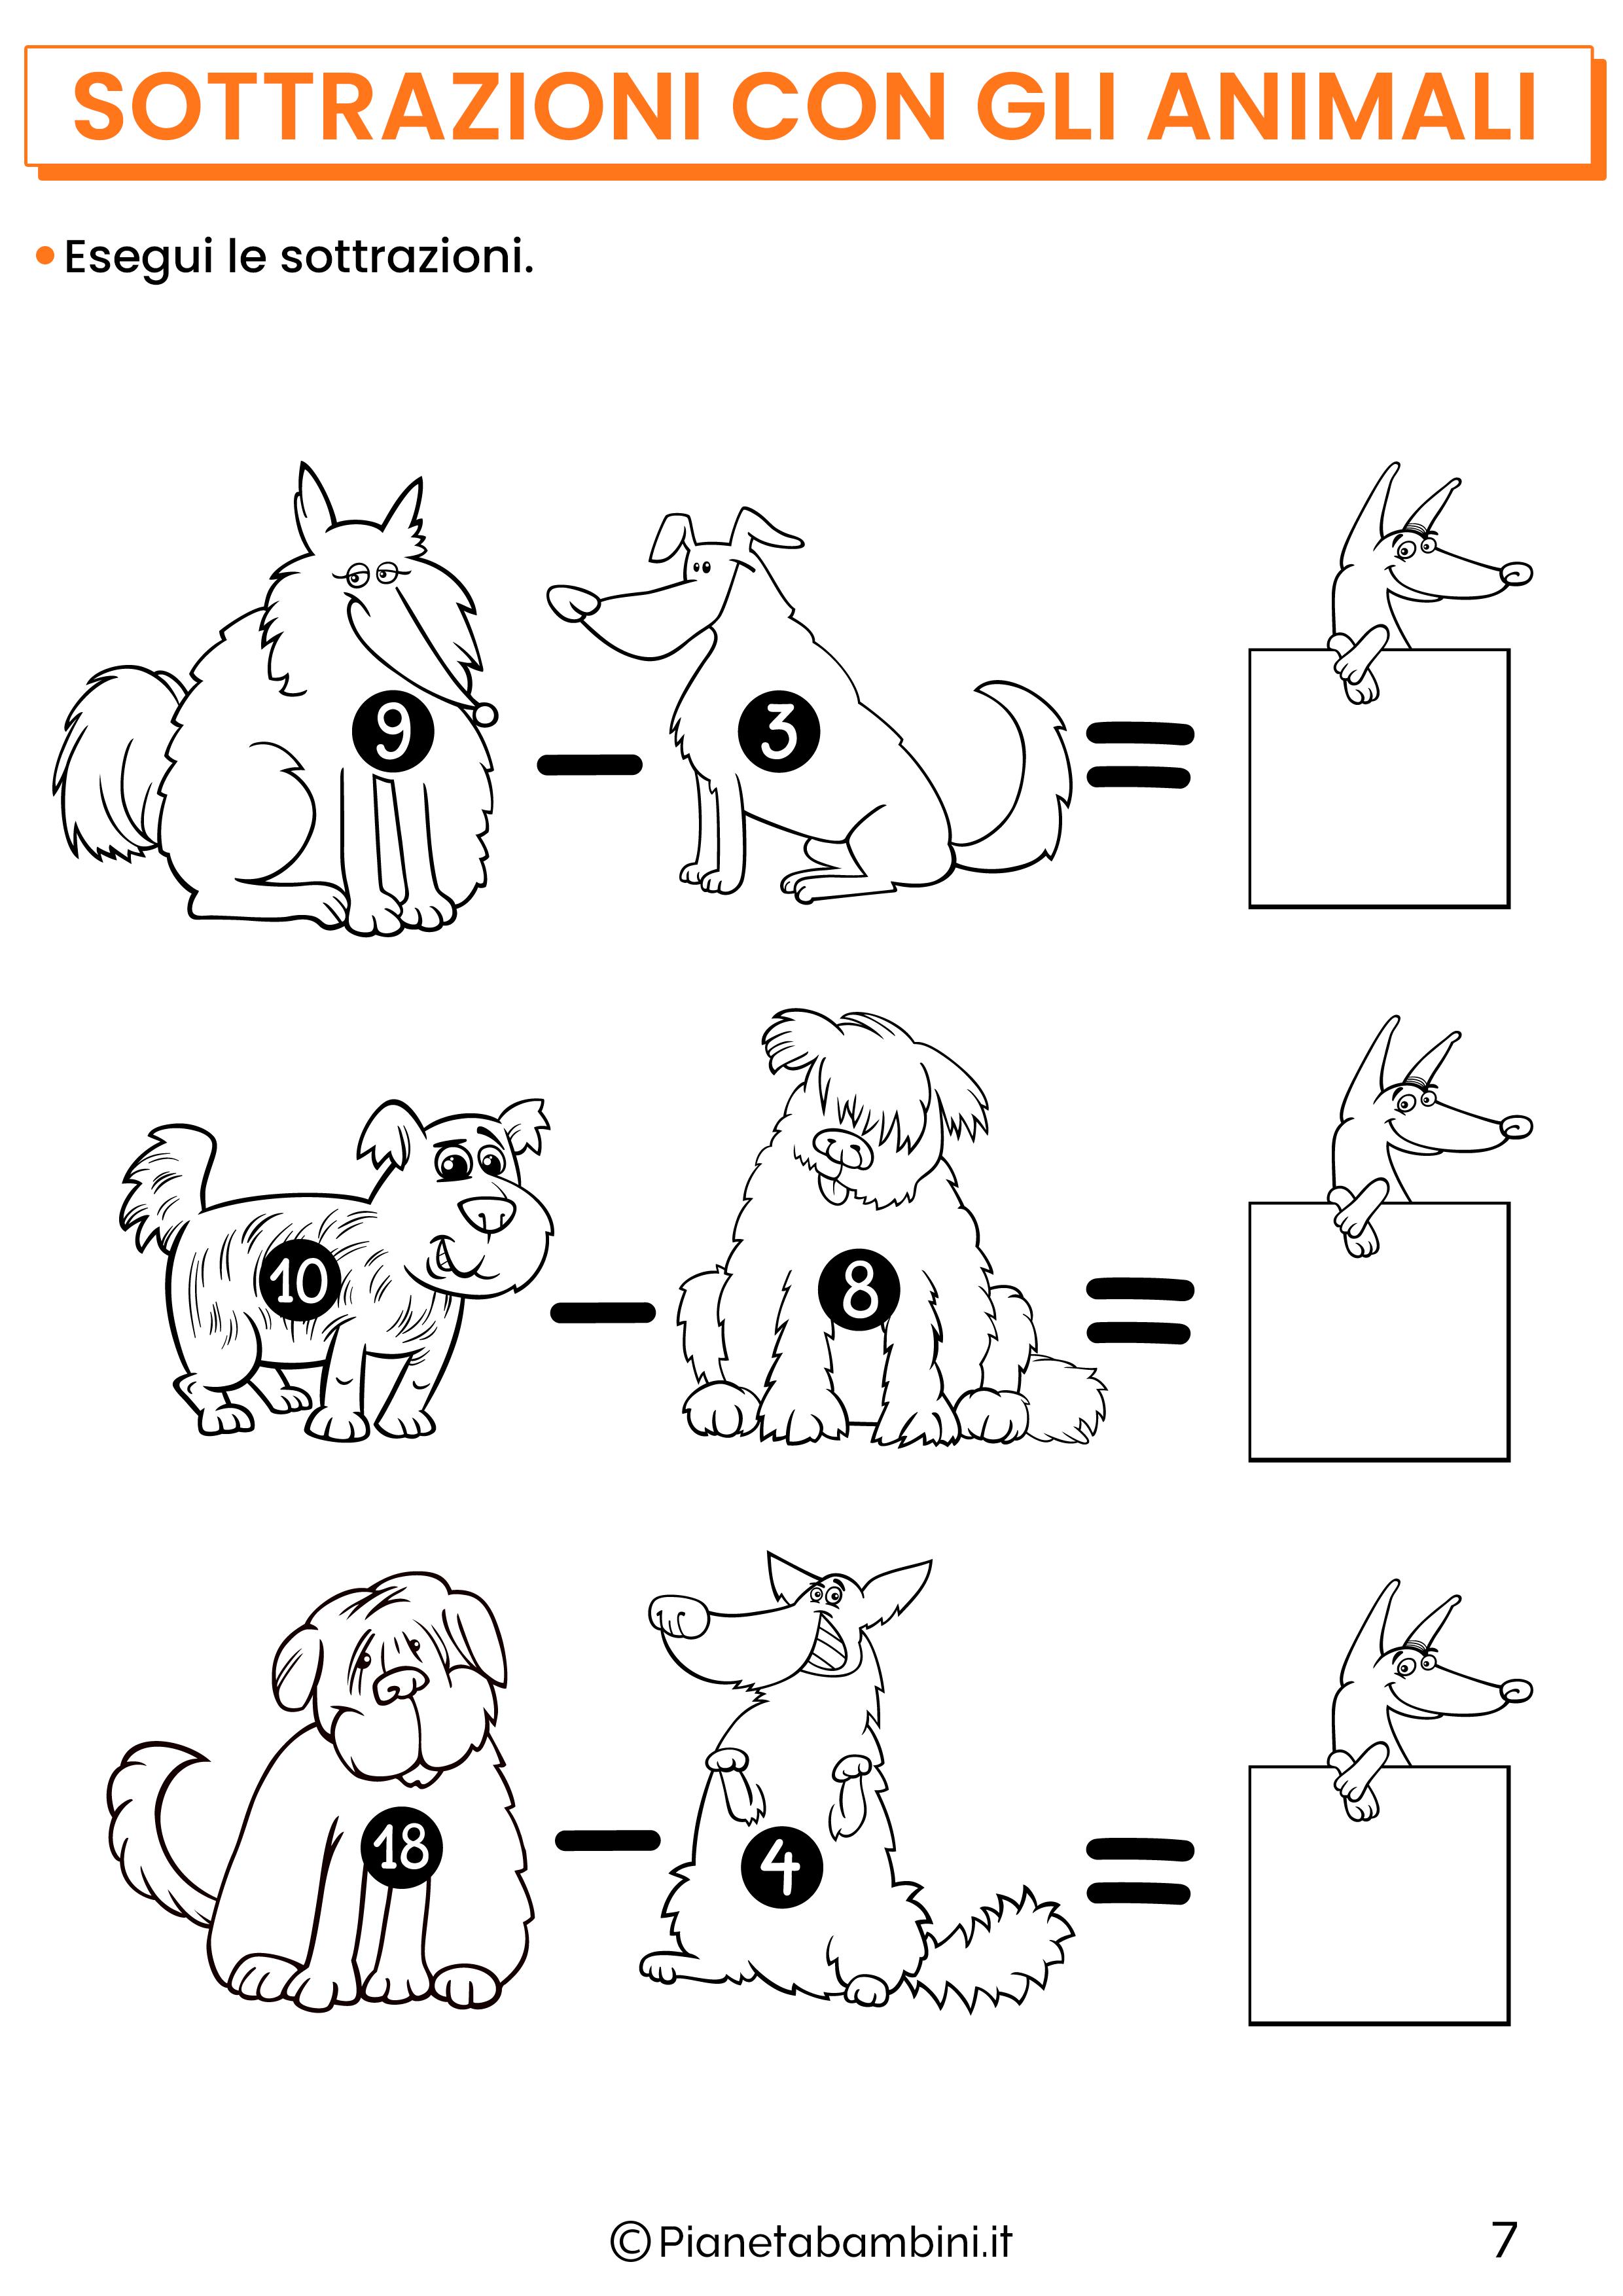 Sottrazioni con gli animali per la classe prima pagina 7